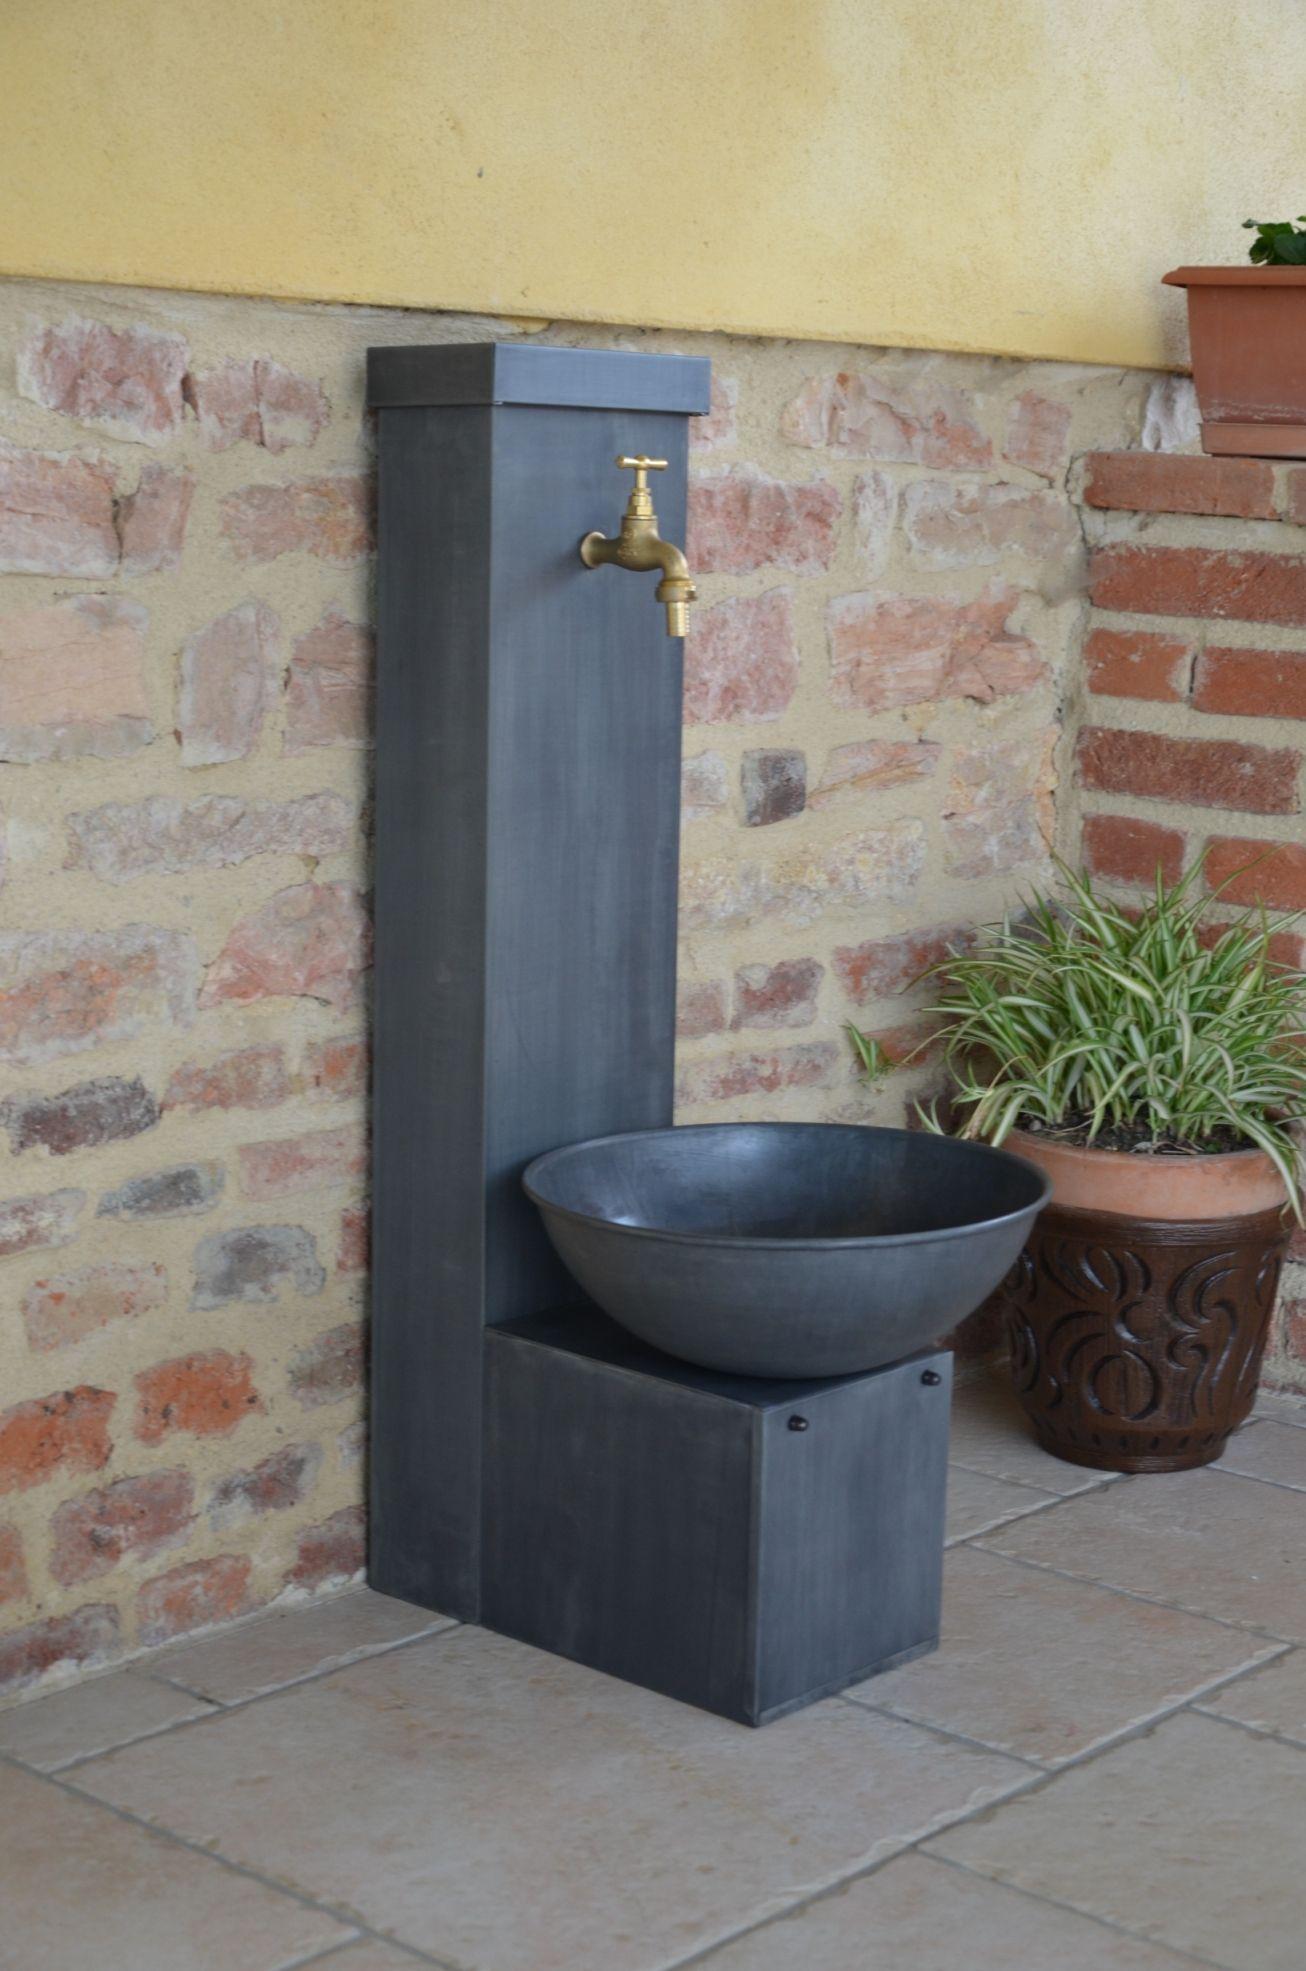 robinet d\'arrosage, fontaine, fontaine zinc, fontaine de jardin ...